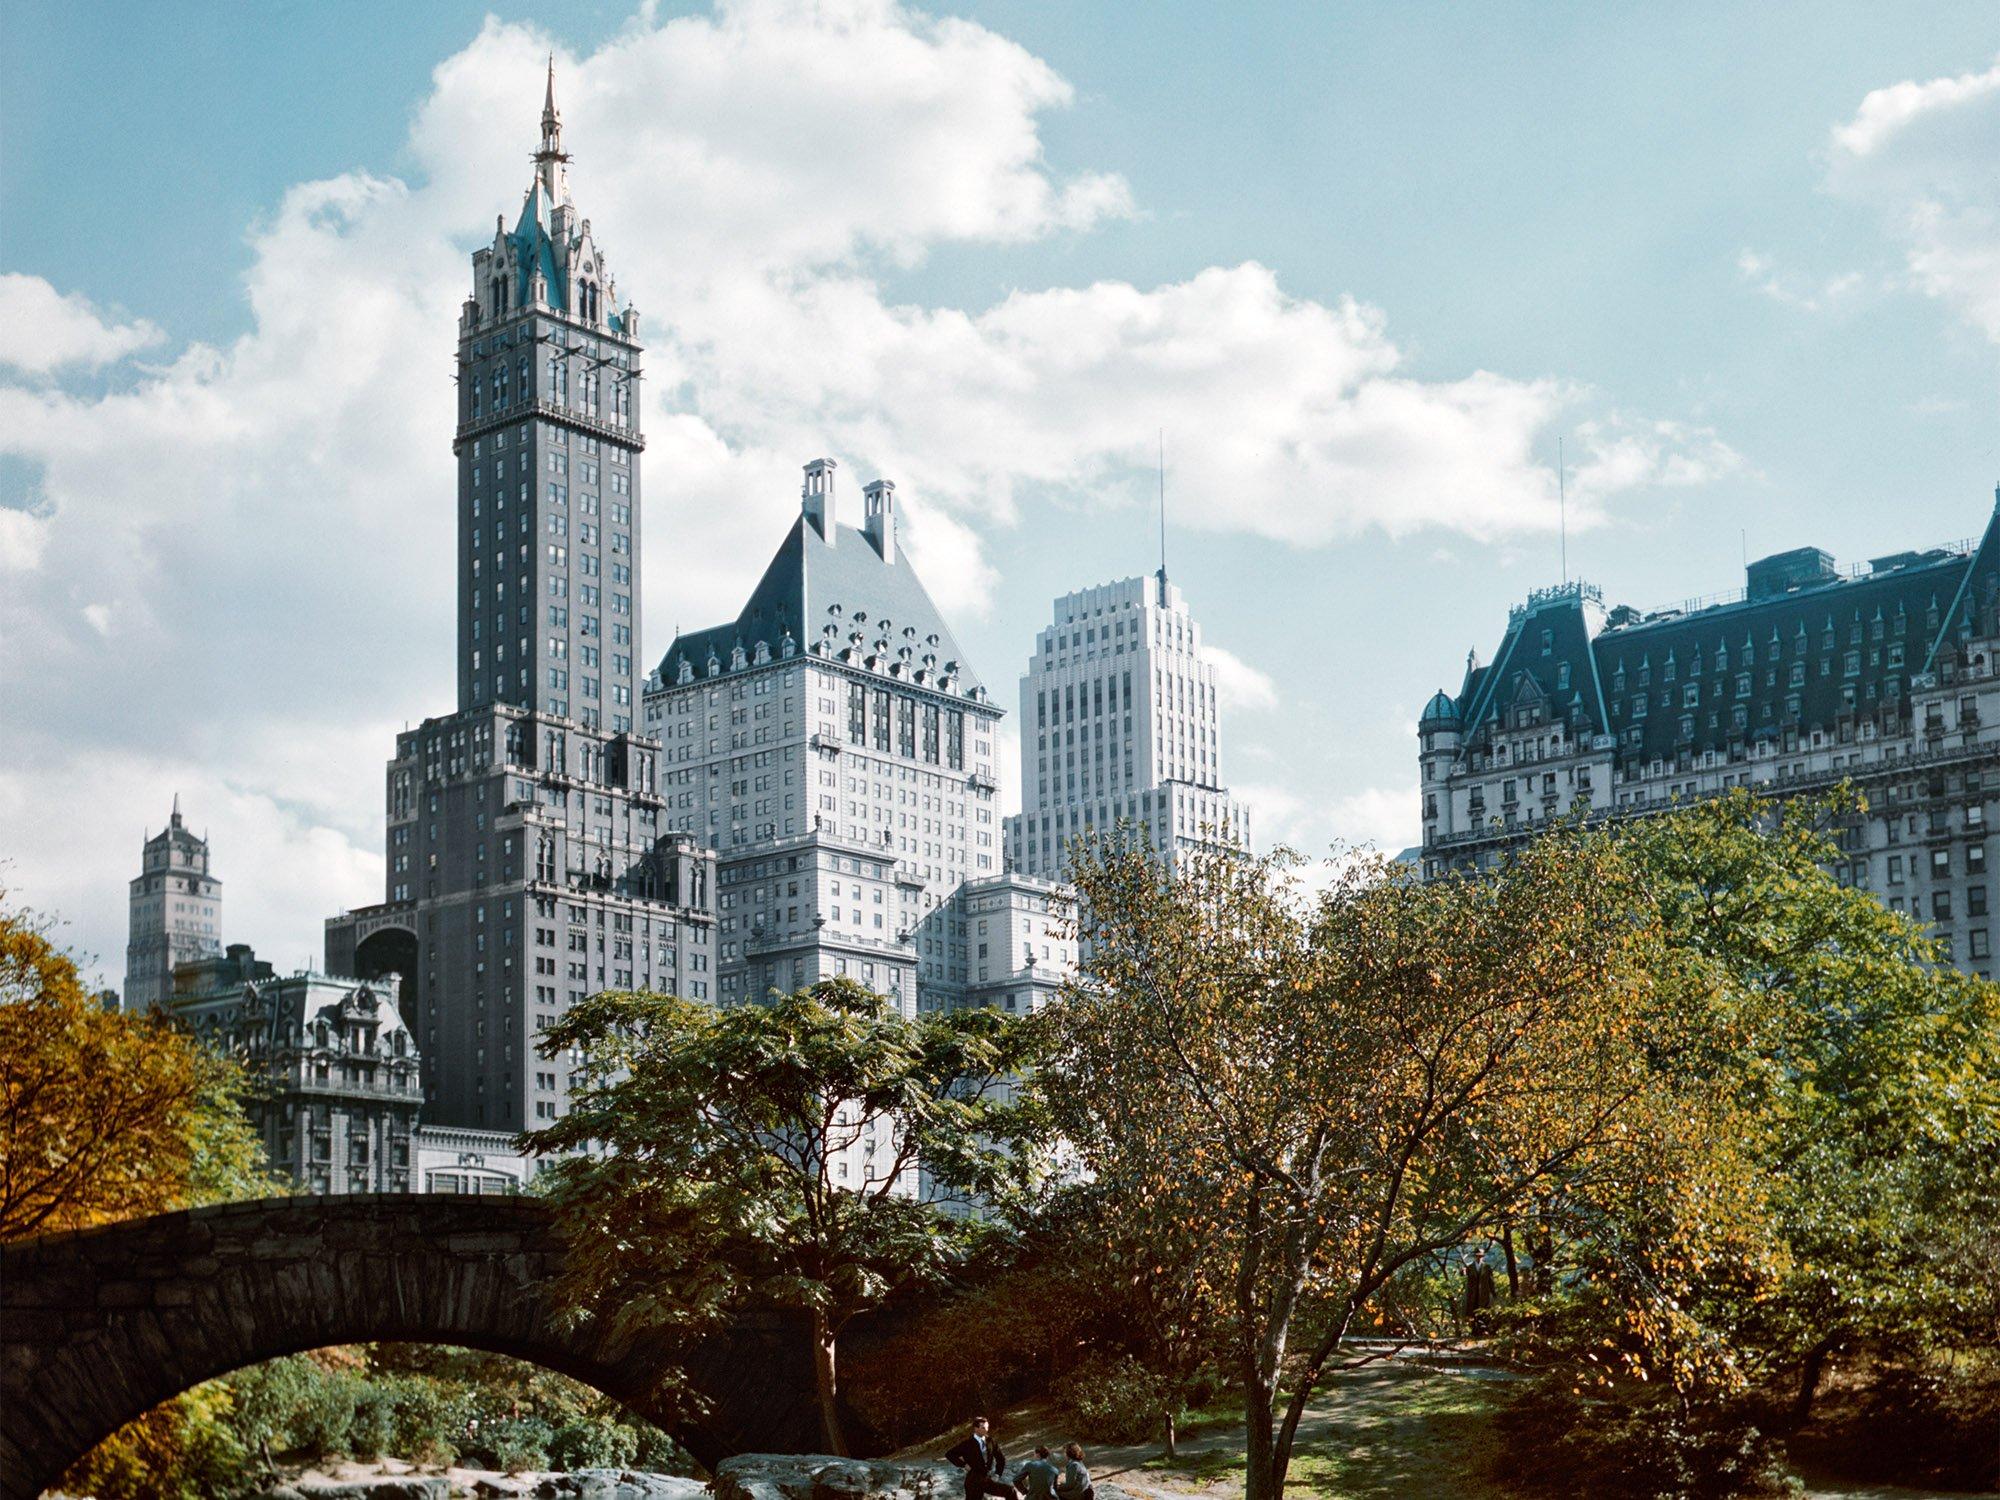 Hotel Plaza, a la derecha, desde el Parque Central de Nueva York.